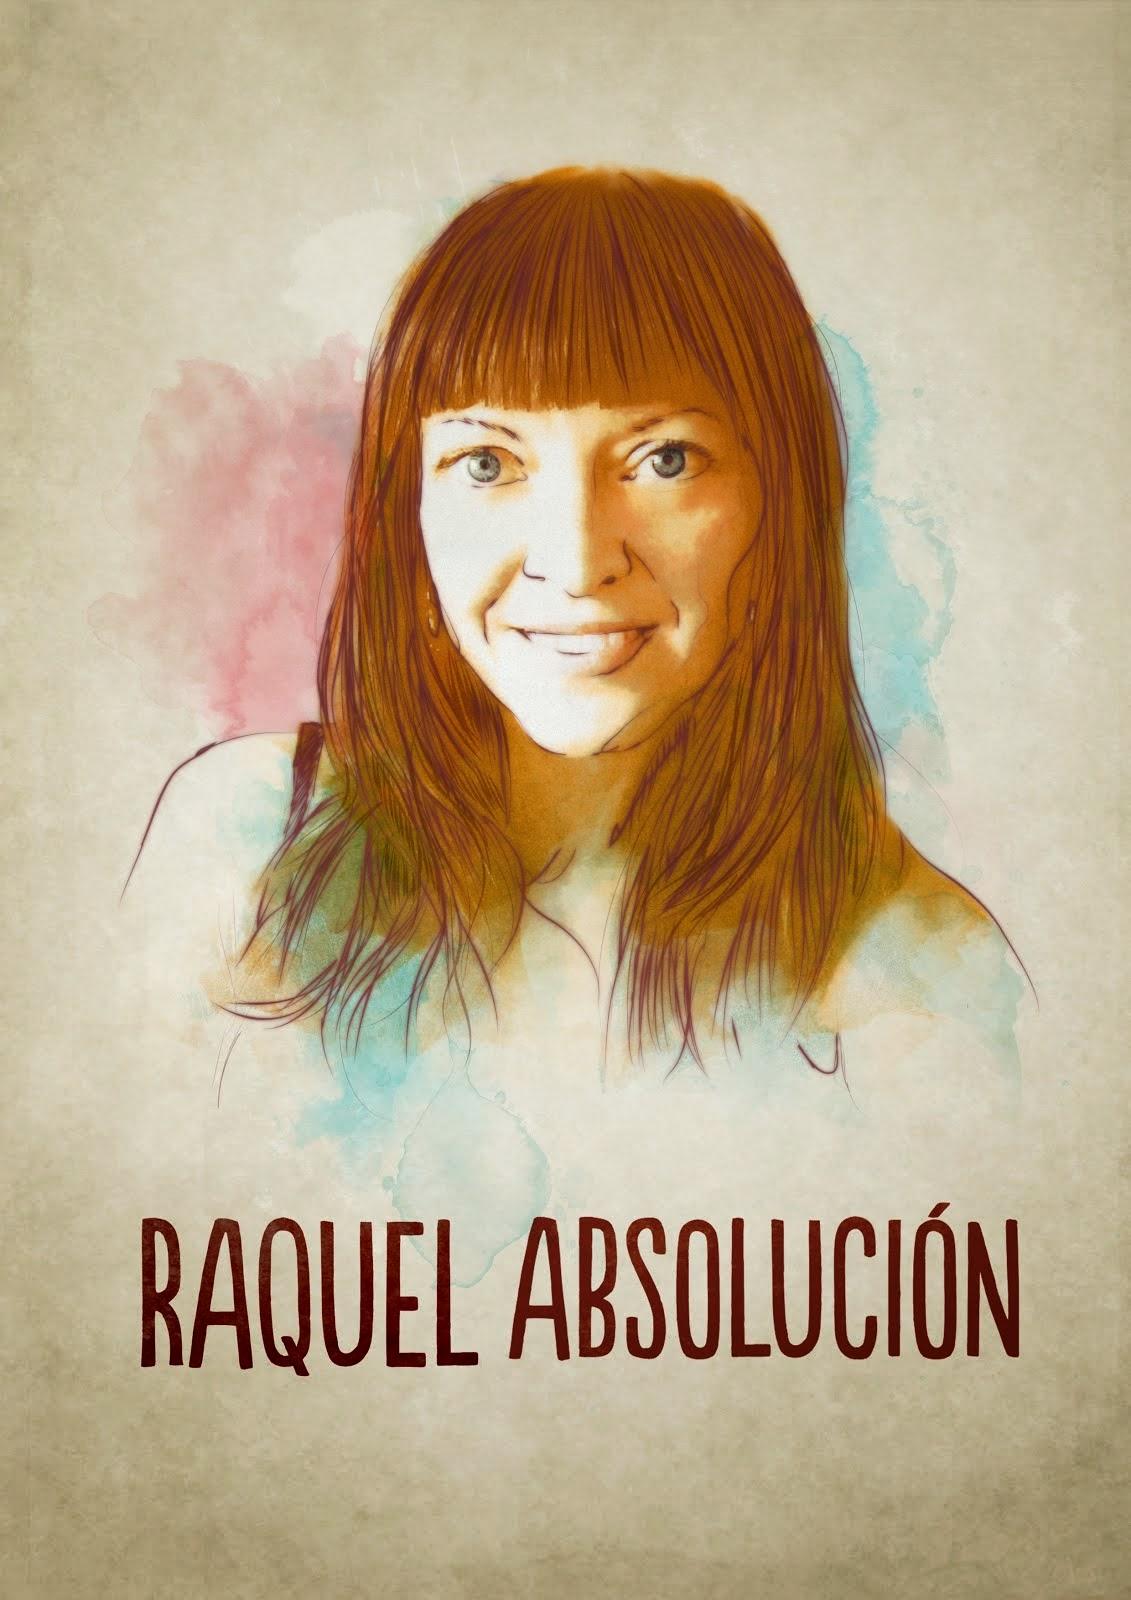 Raquel Absolución. Imagen campaña